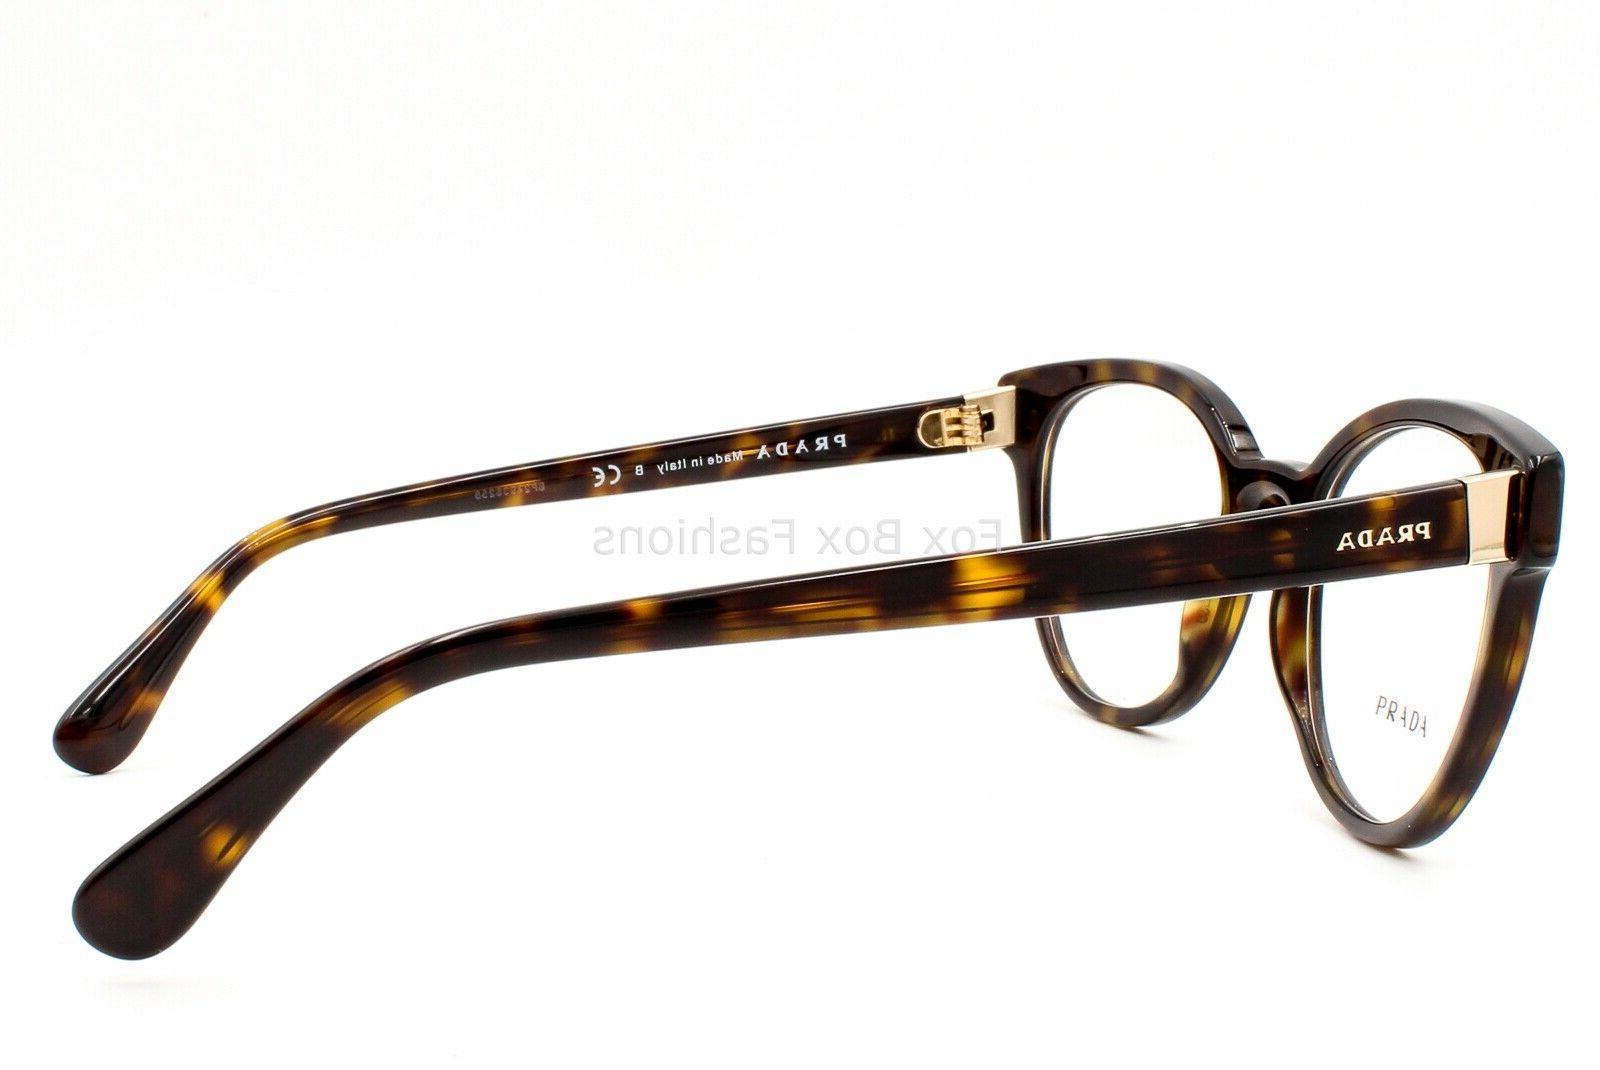 Prada 2AU-1O1 Eyeglasses Glasses Brown Tortoise 50-20-135